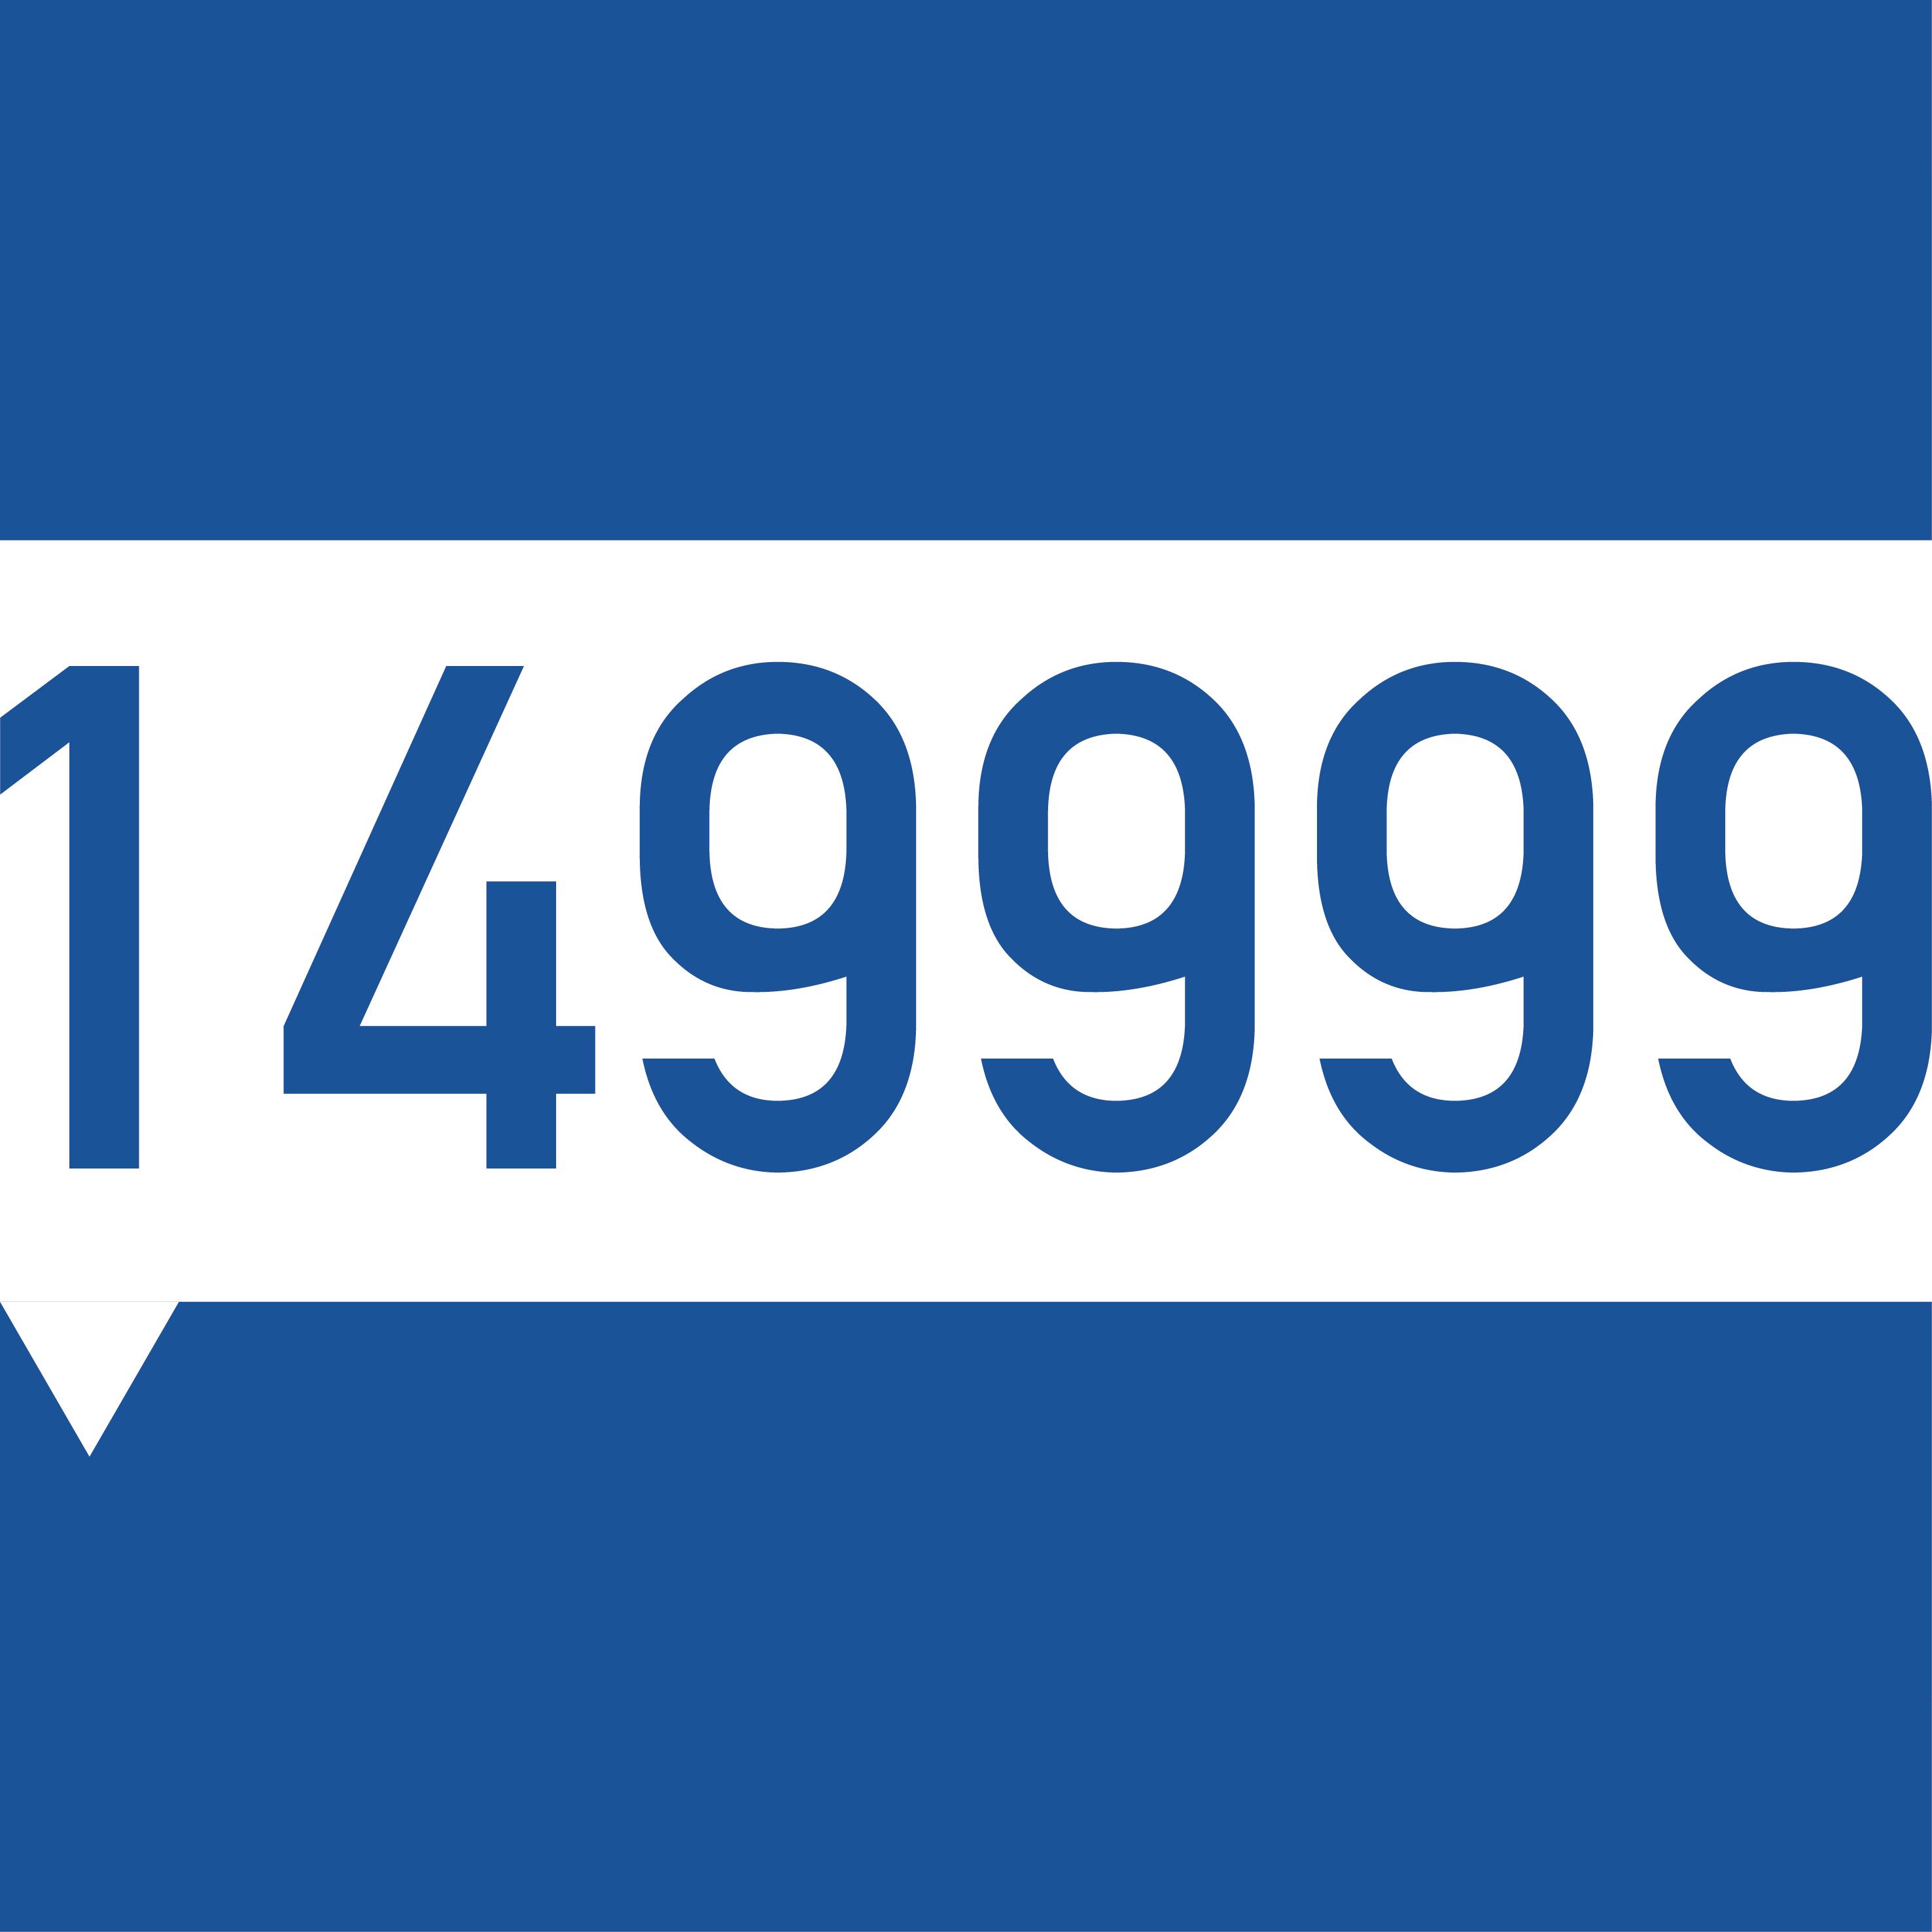 【預購款】期間限定優惠-Takara Standard日本原裝149999廣告專案